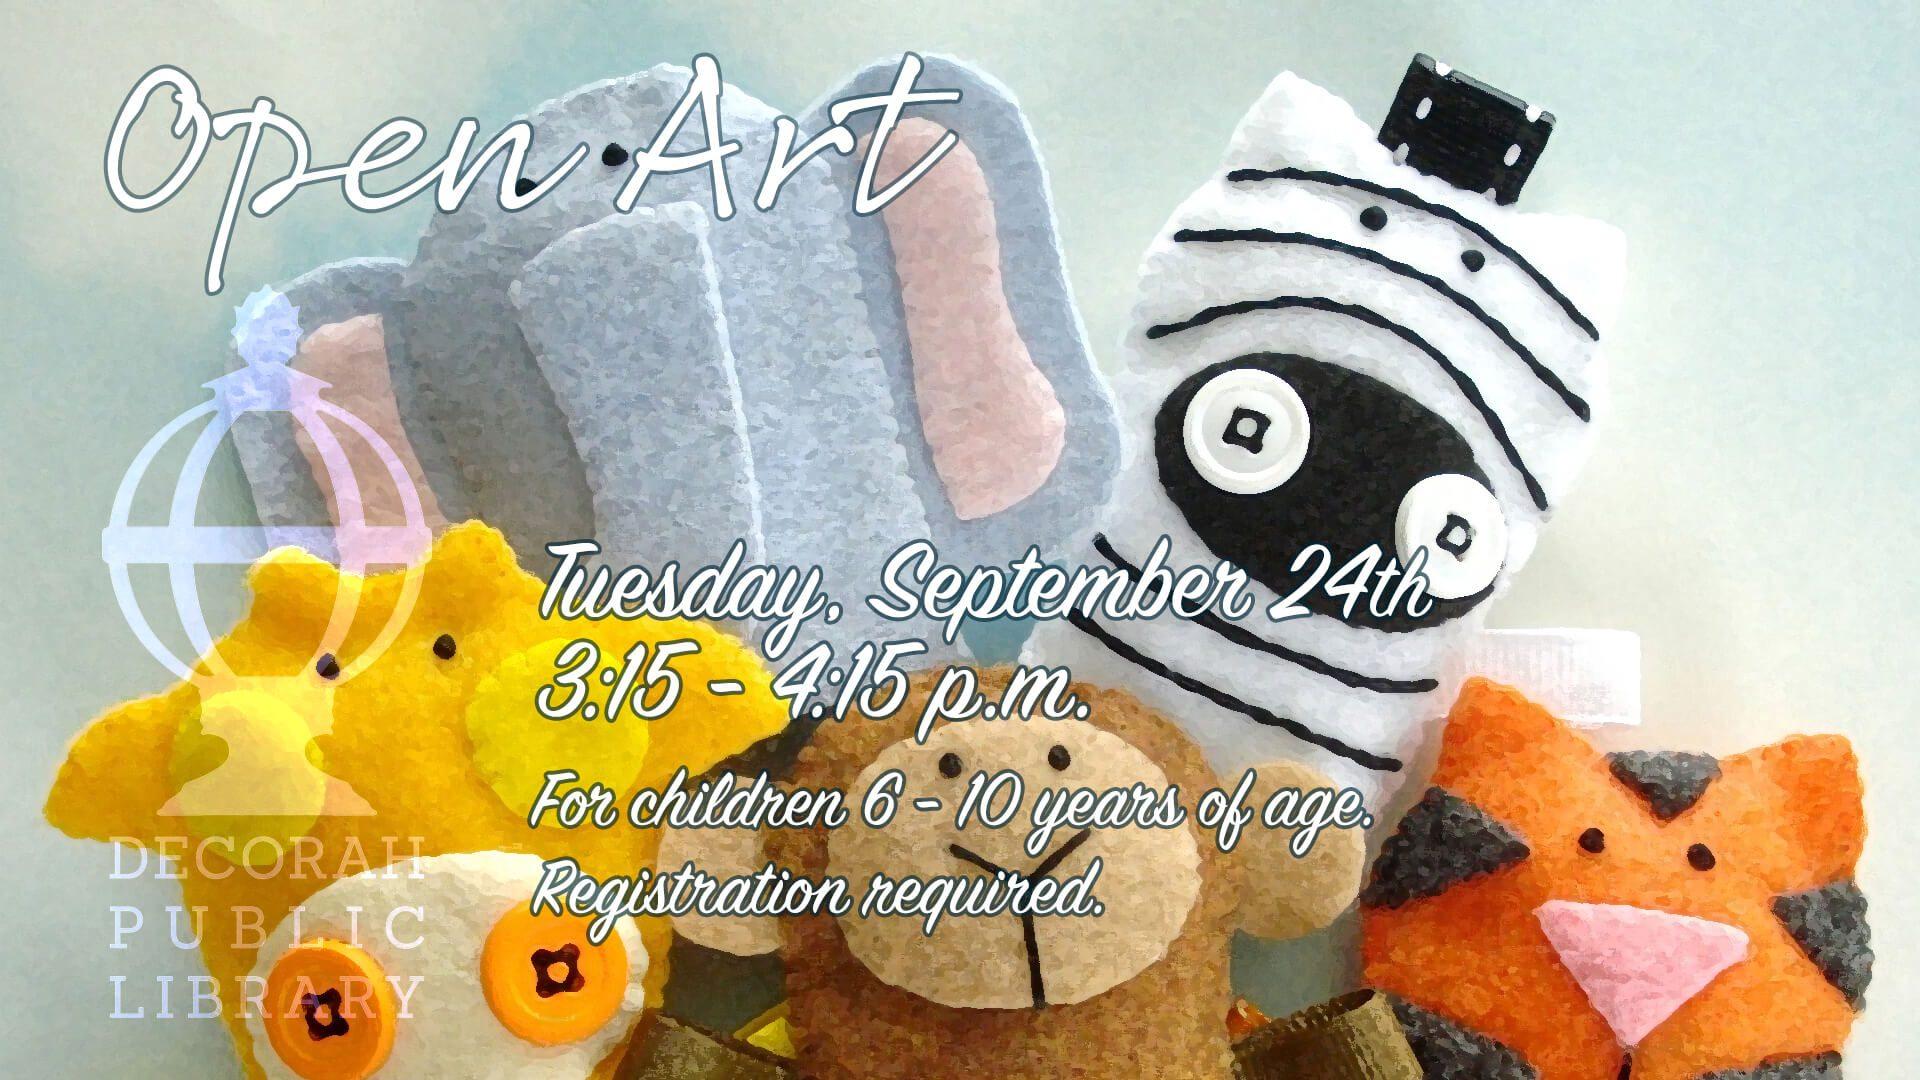 Open Art Sep 24